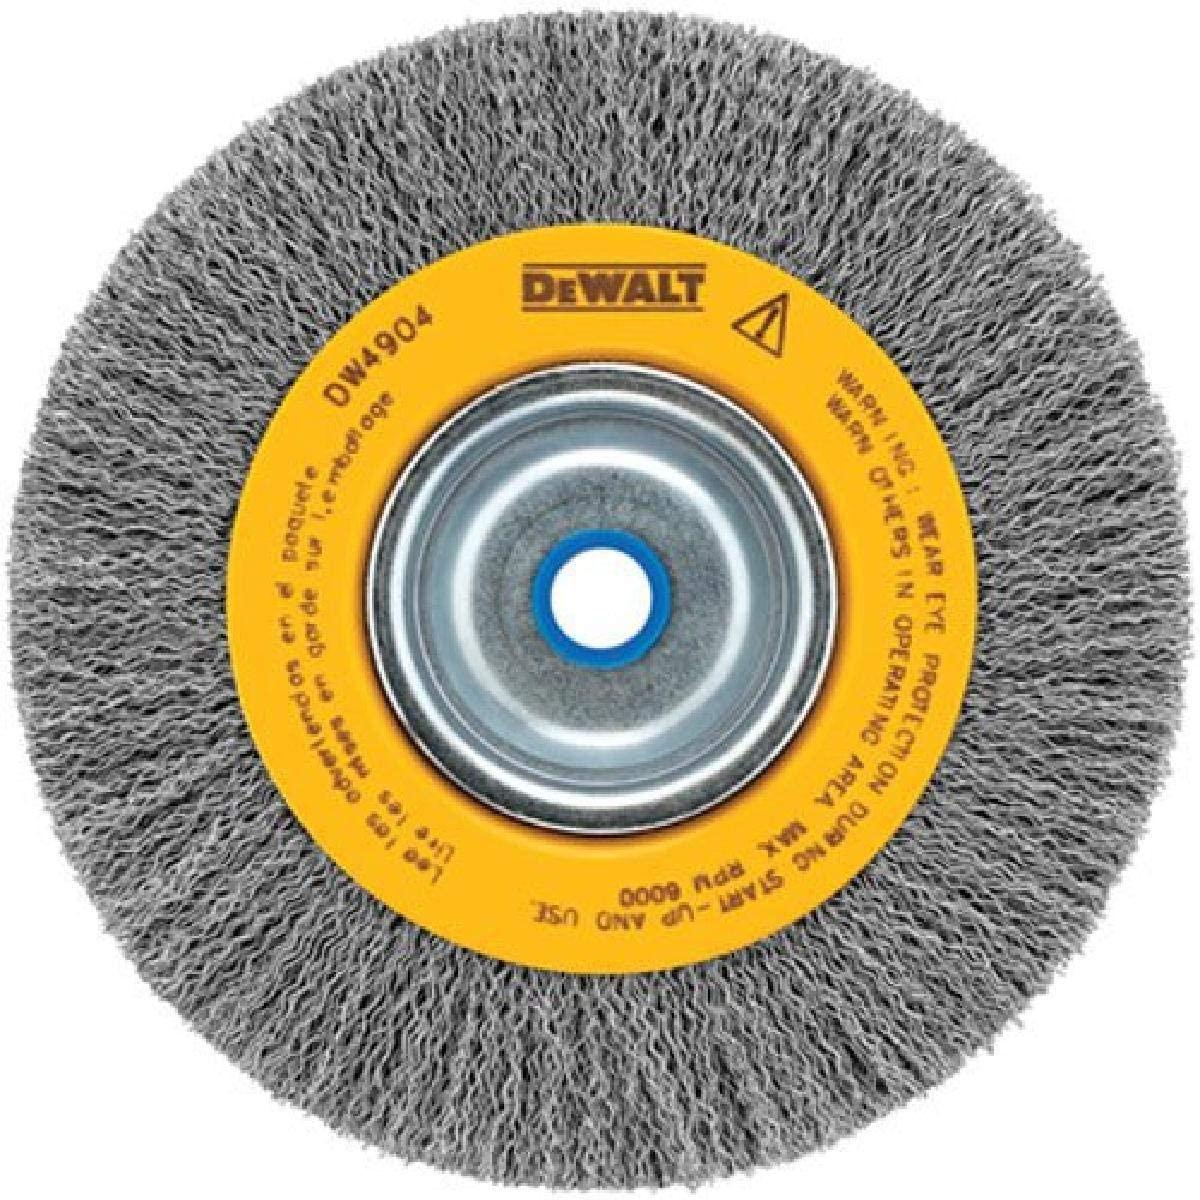 DEWALT Wire Wheel for Bench Grinder, Crimped, 6-Inch (DW4905)